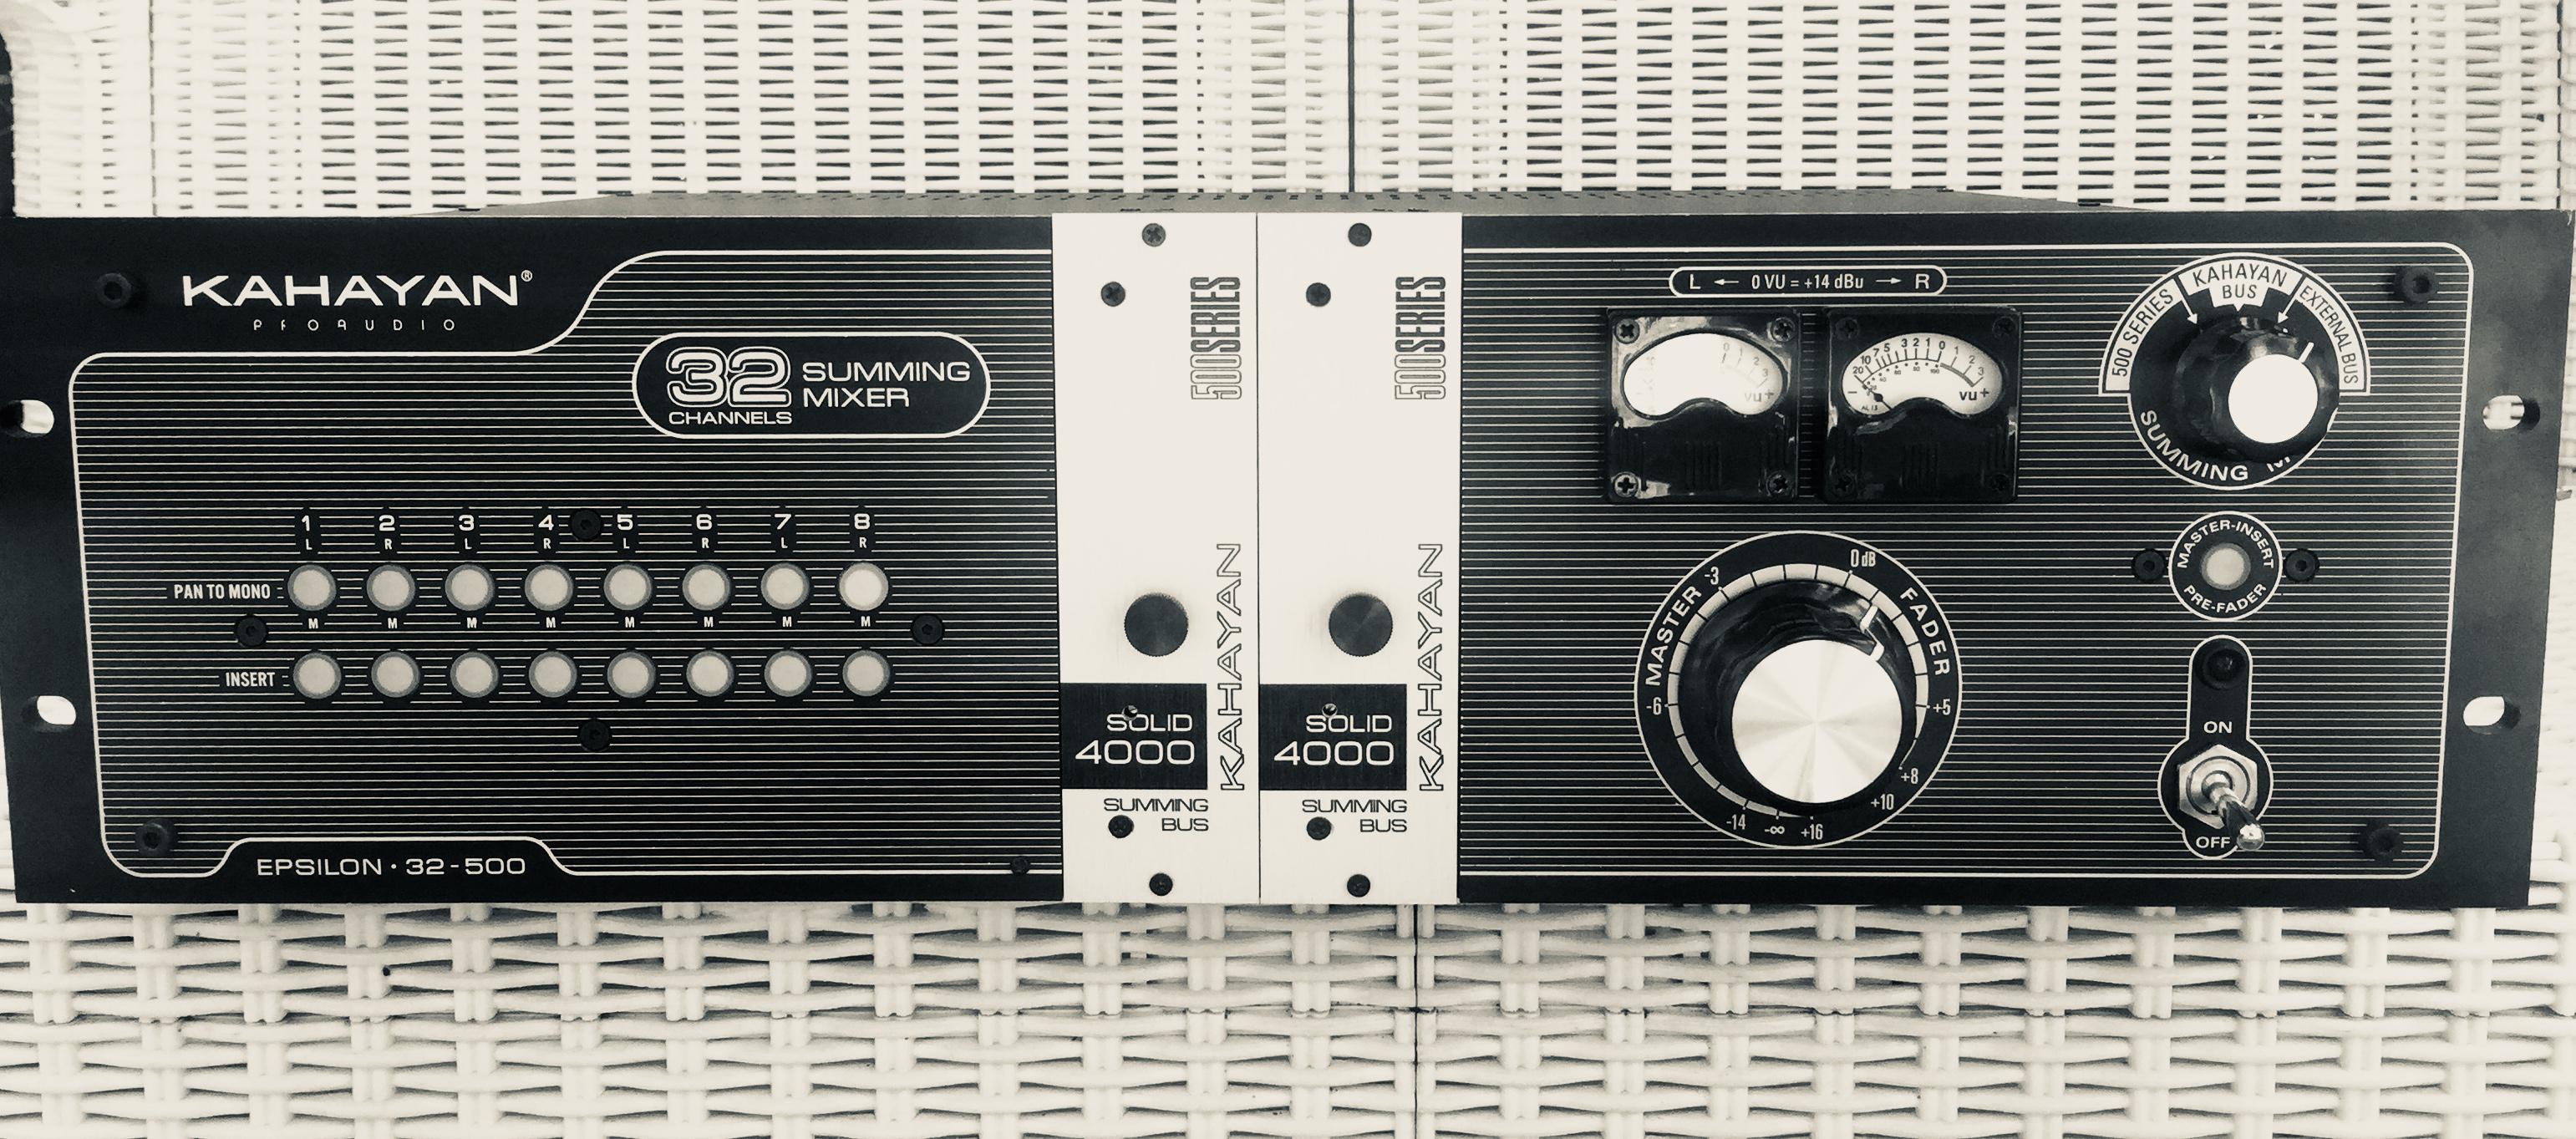 sumador de 32 canales Review Epsilon 32-500 (1)